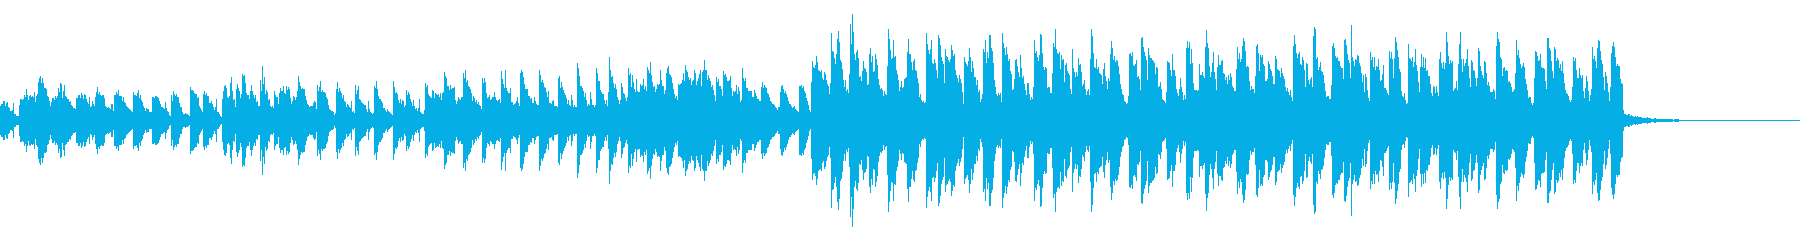 ほのぼのした変則ビートの再生済みの波形